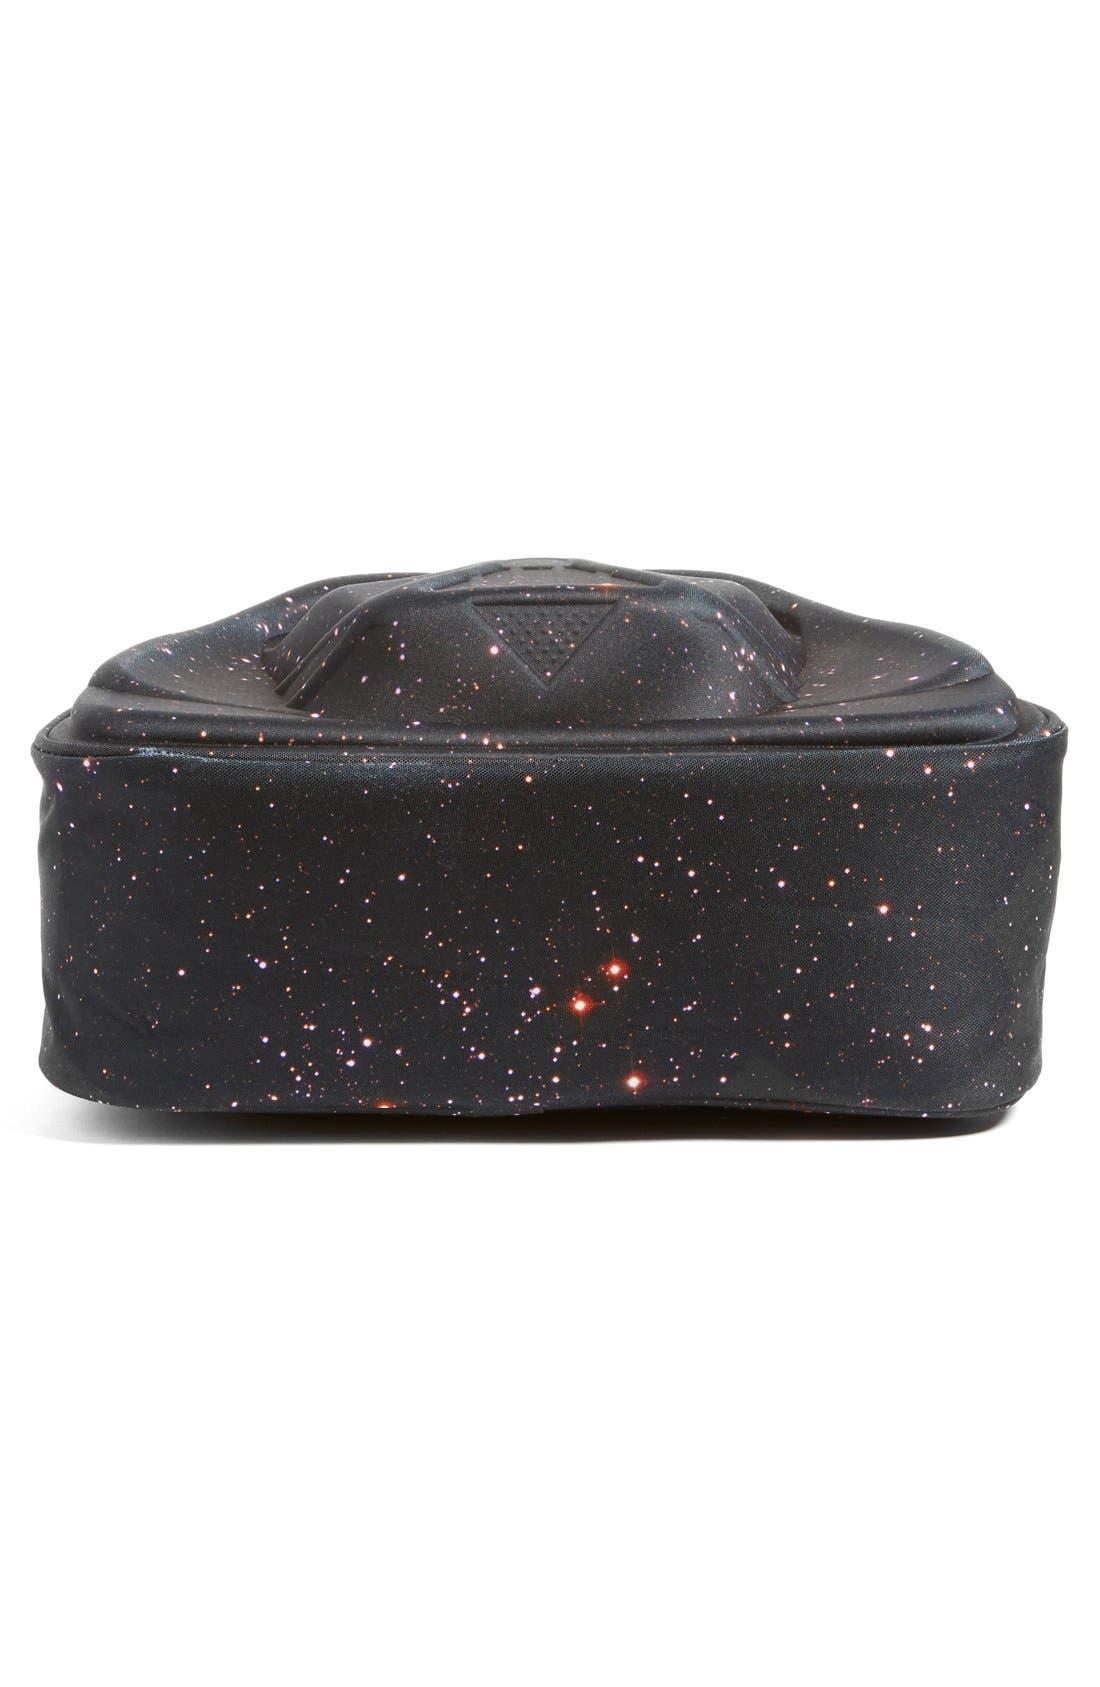 'Star Wars<sup>™</sup> - Darth Vader Galaxy' Backpack,                             Alternate thumbnail 6, color,                             001